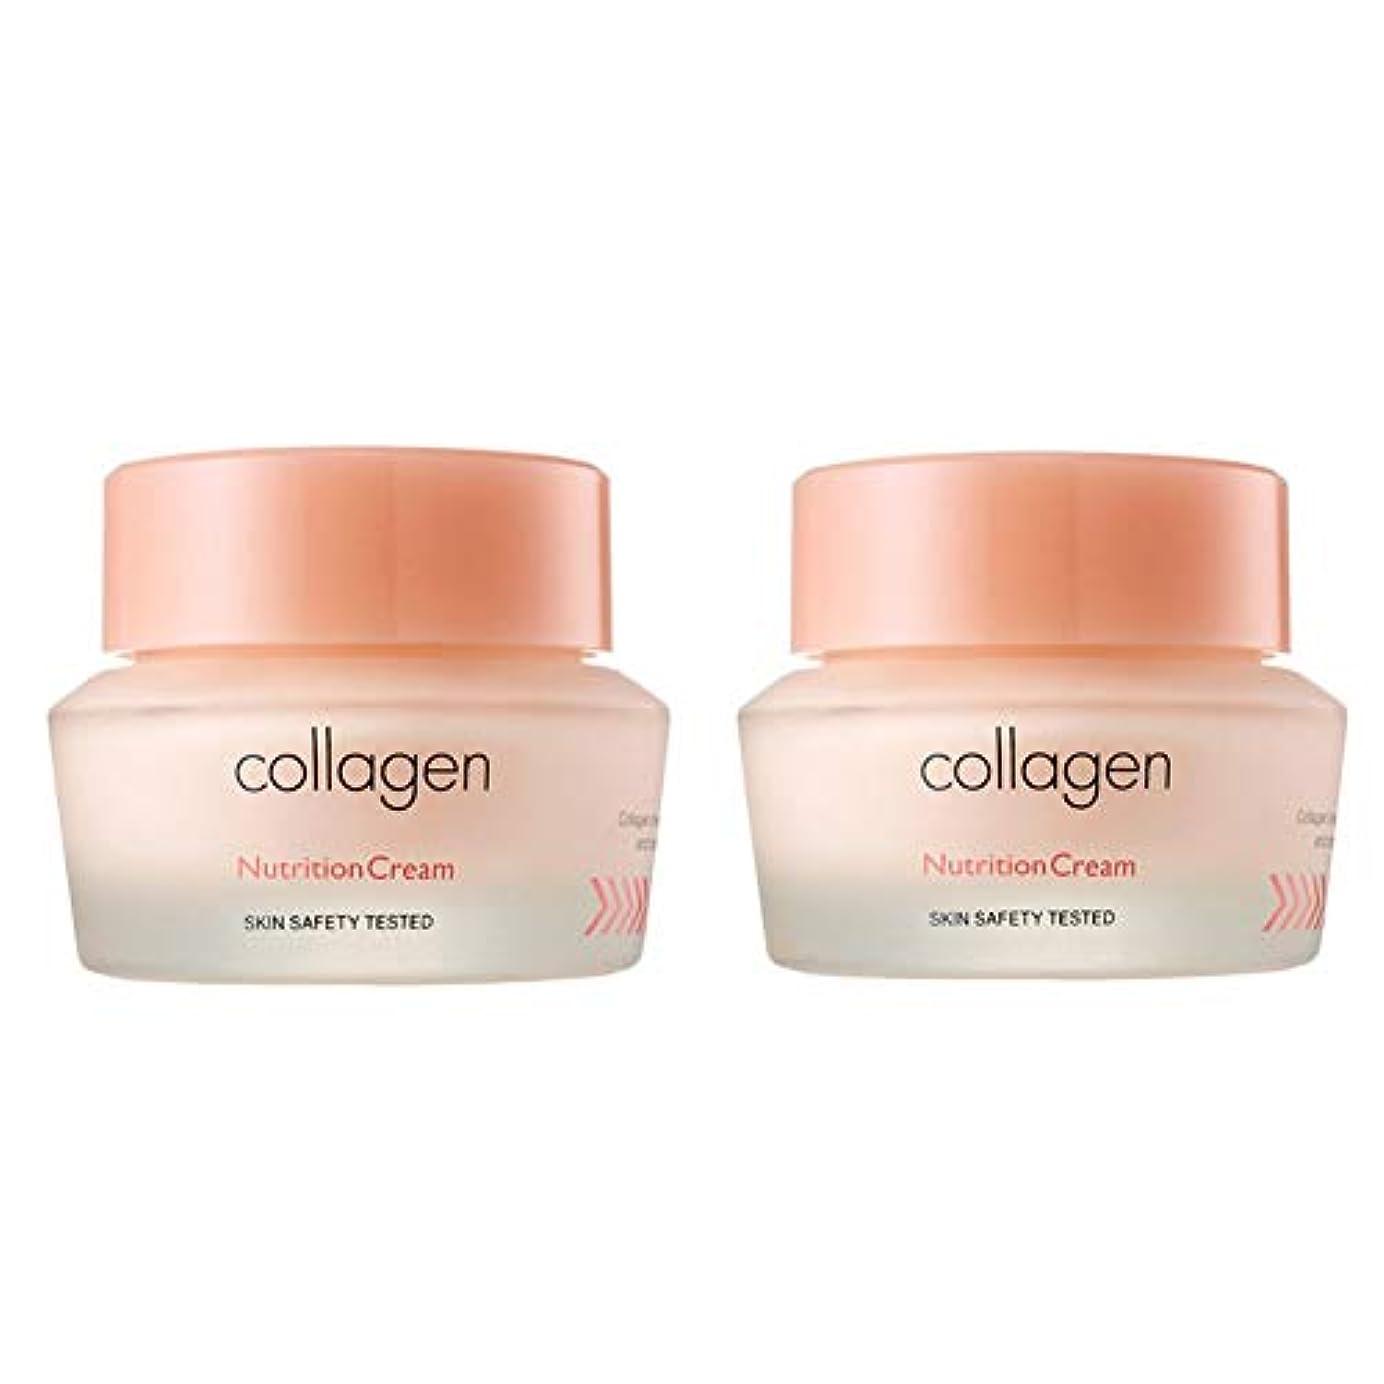 首尾一貫した透けて見えるそれるイッツスキンコラーゲン栄養クリーム50ml x 2本セット、It's Skin Collagen Nutrition Cream 50ml x 2ea Set [並行輸入品]